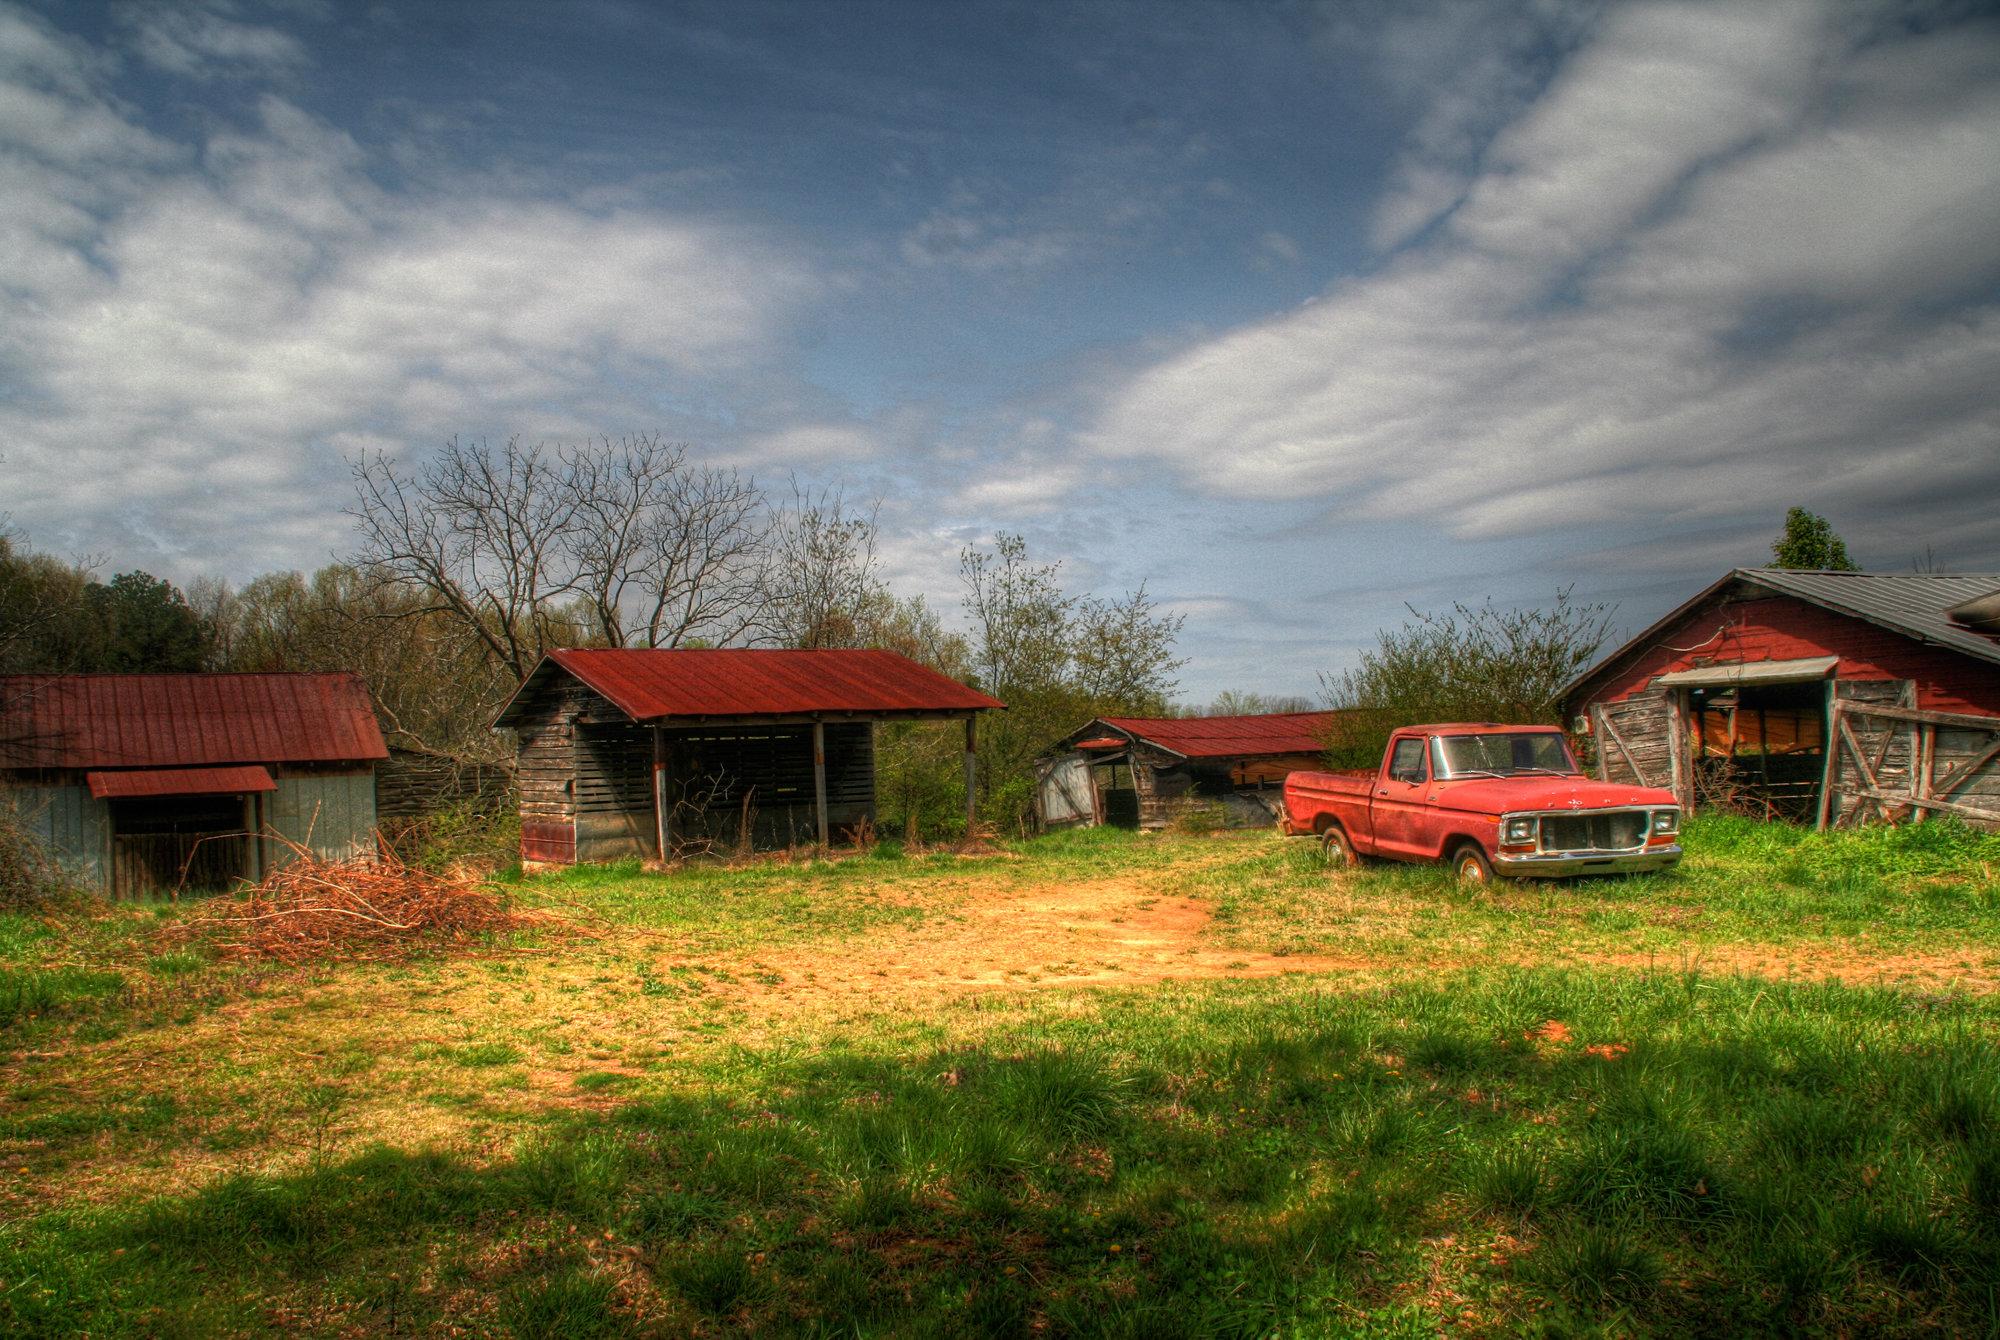 American Farm by PSRADICH 2000x1340